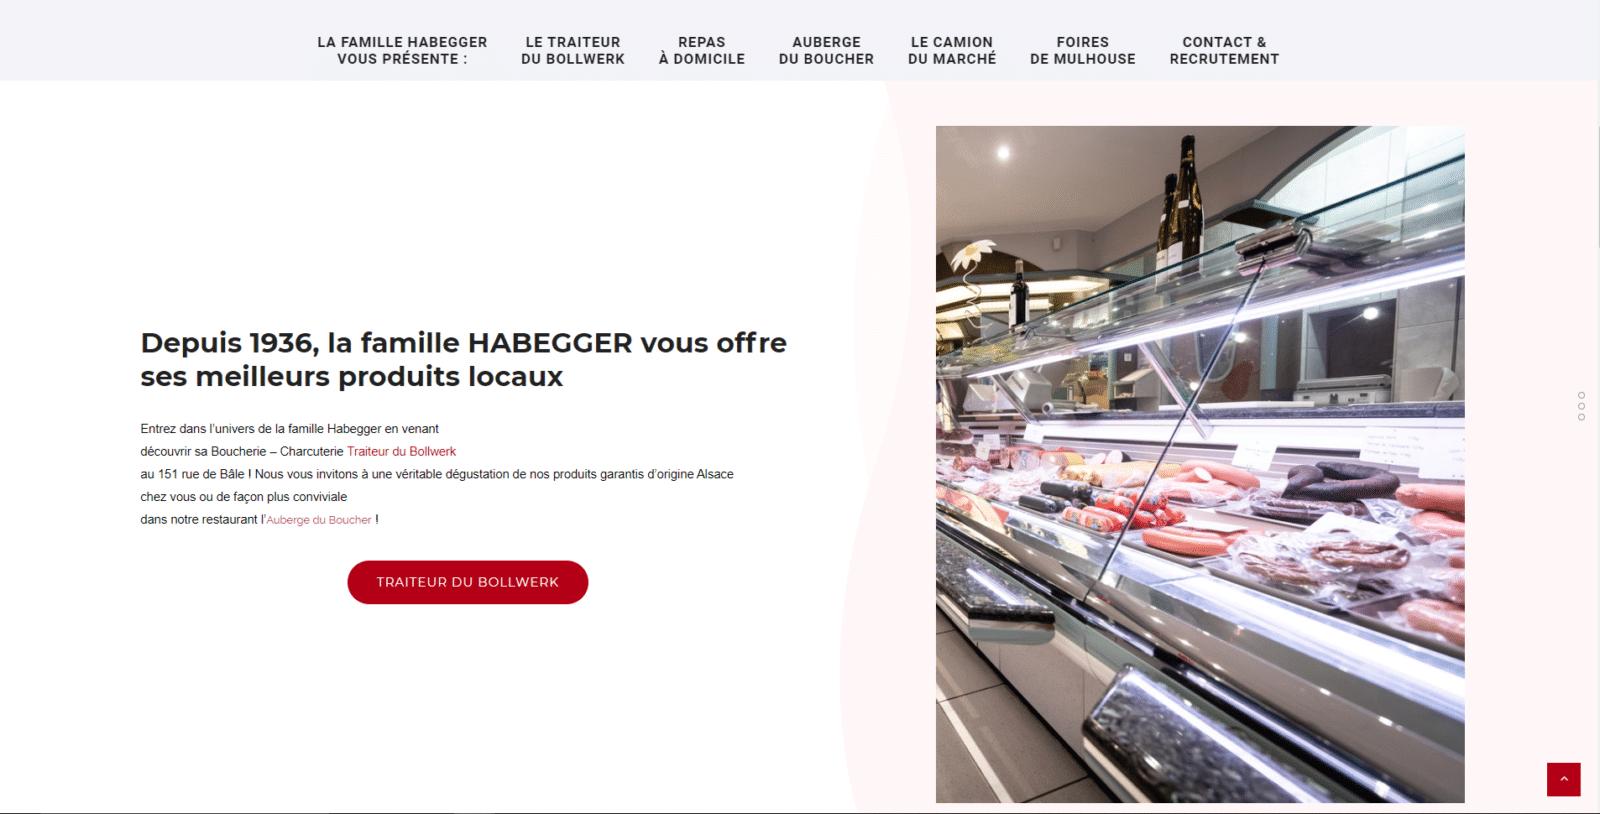 Habegger.alsace est un client de l'agence web Karedess, agence web situé à Mulhouse